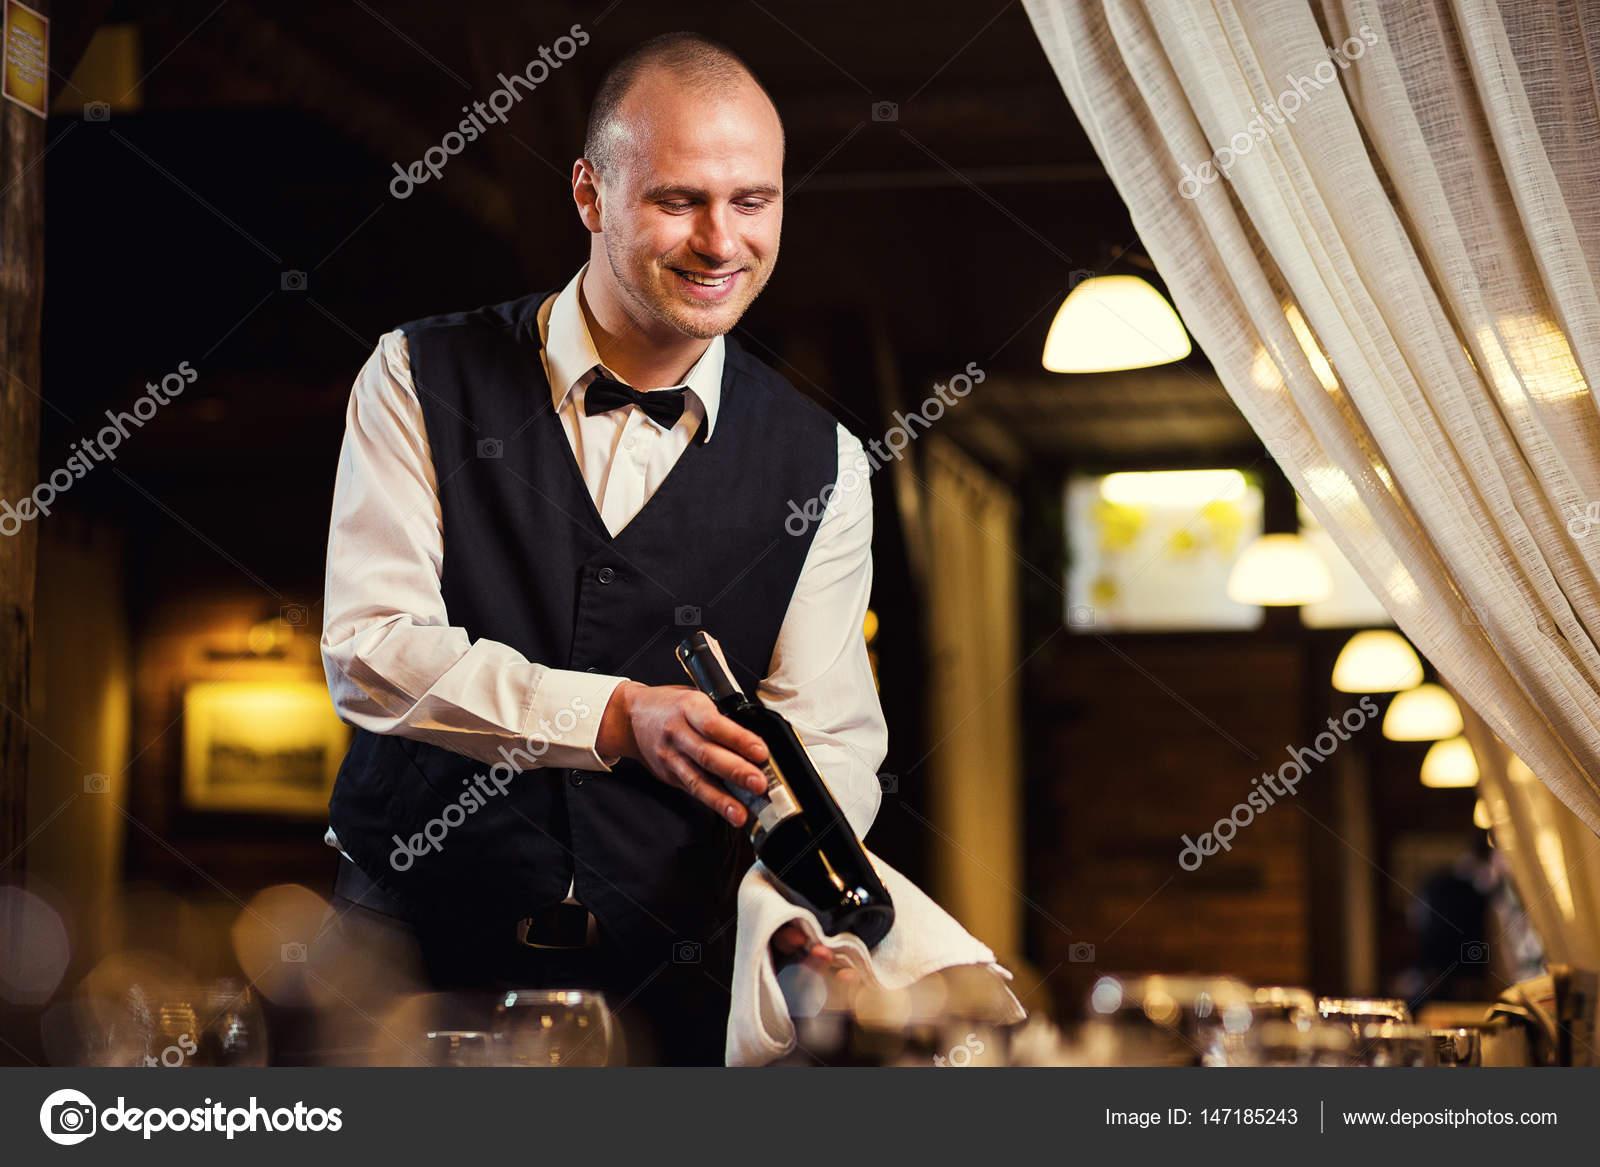 El camarero ofrece vino, camarero de uniforme esperando una orden ...